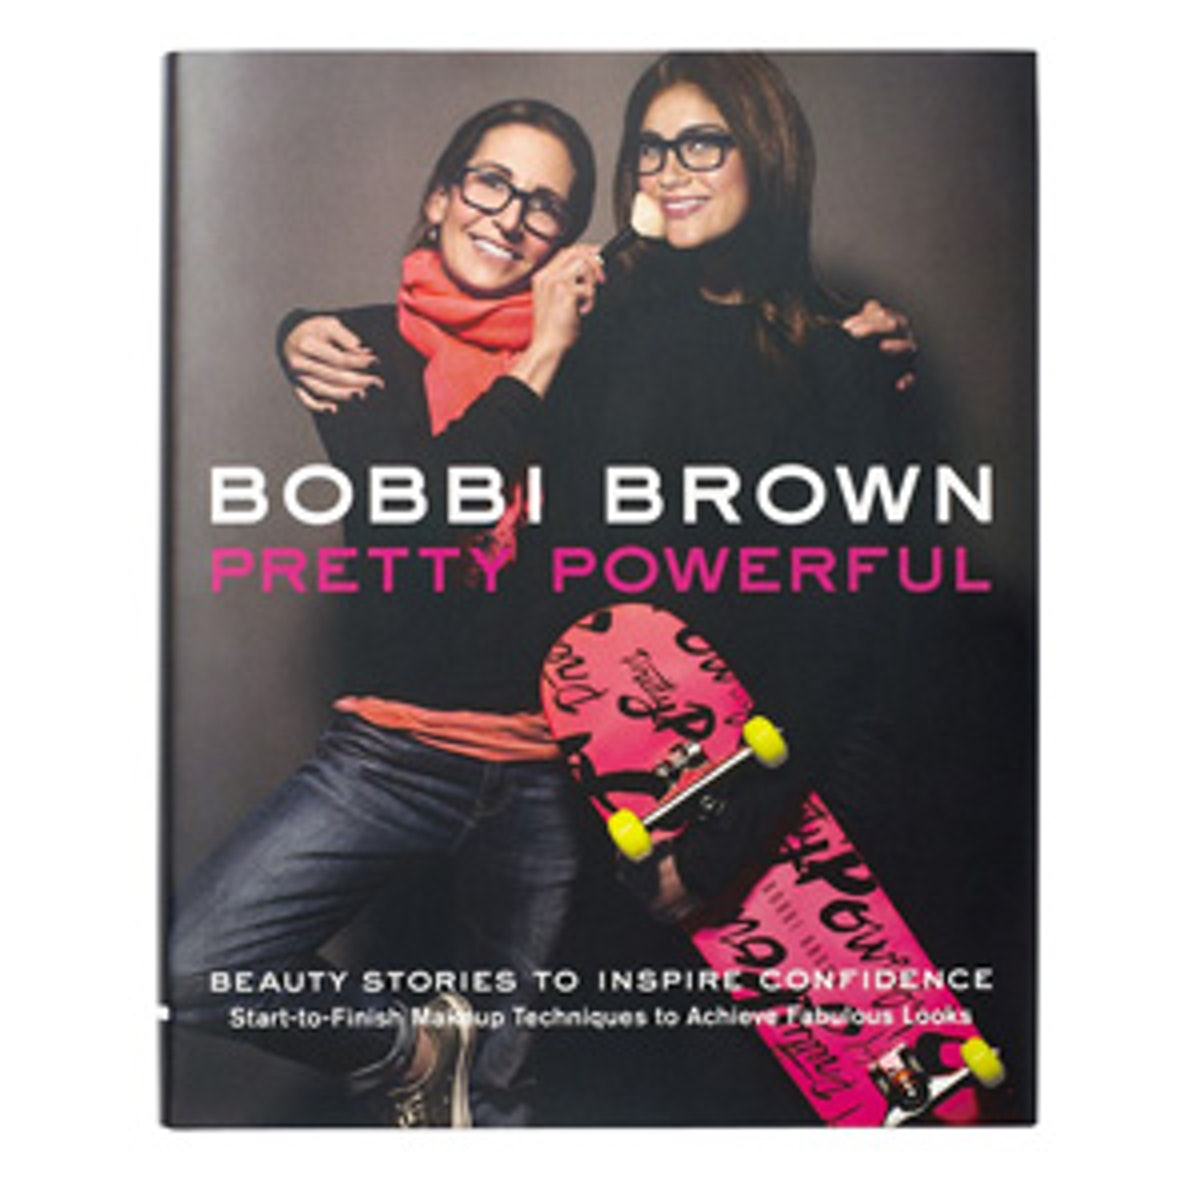 Bobbi Brown Pretty Powerful